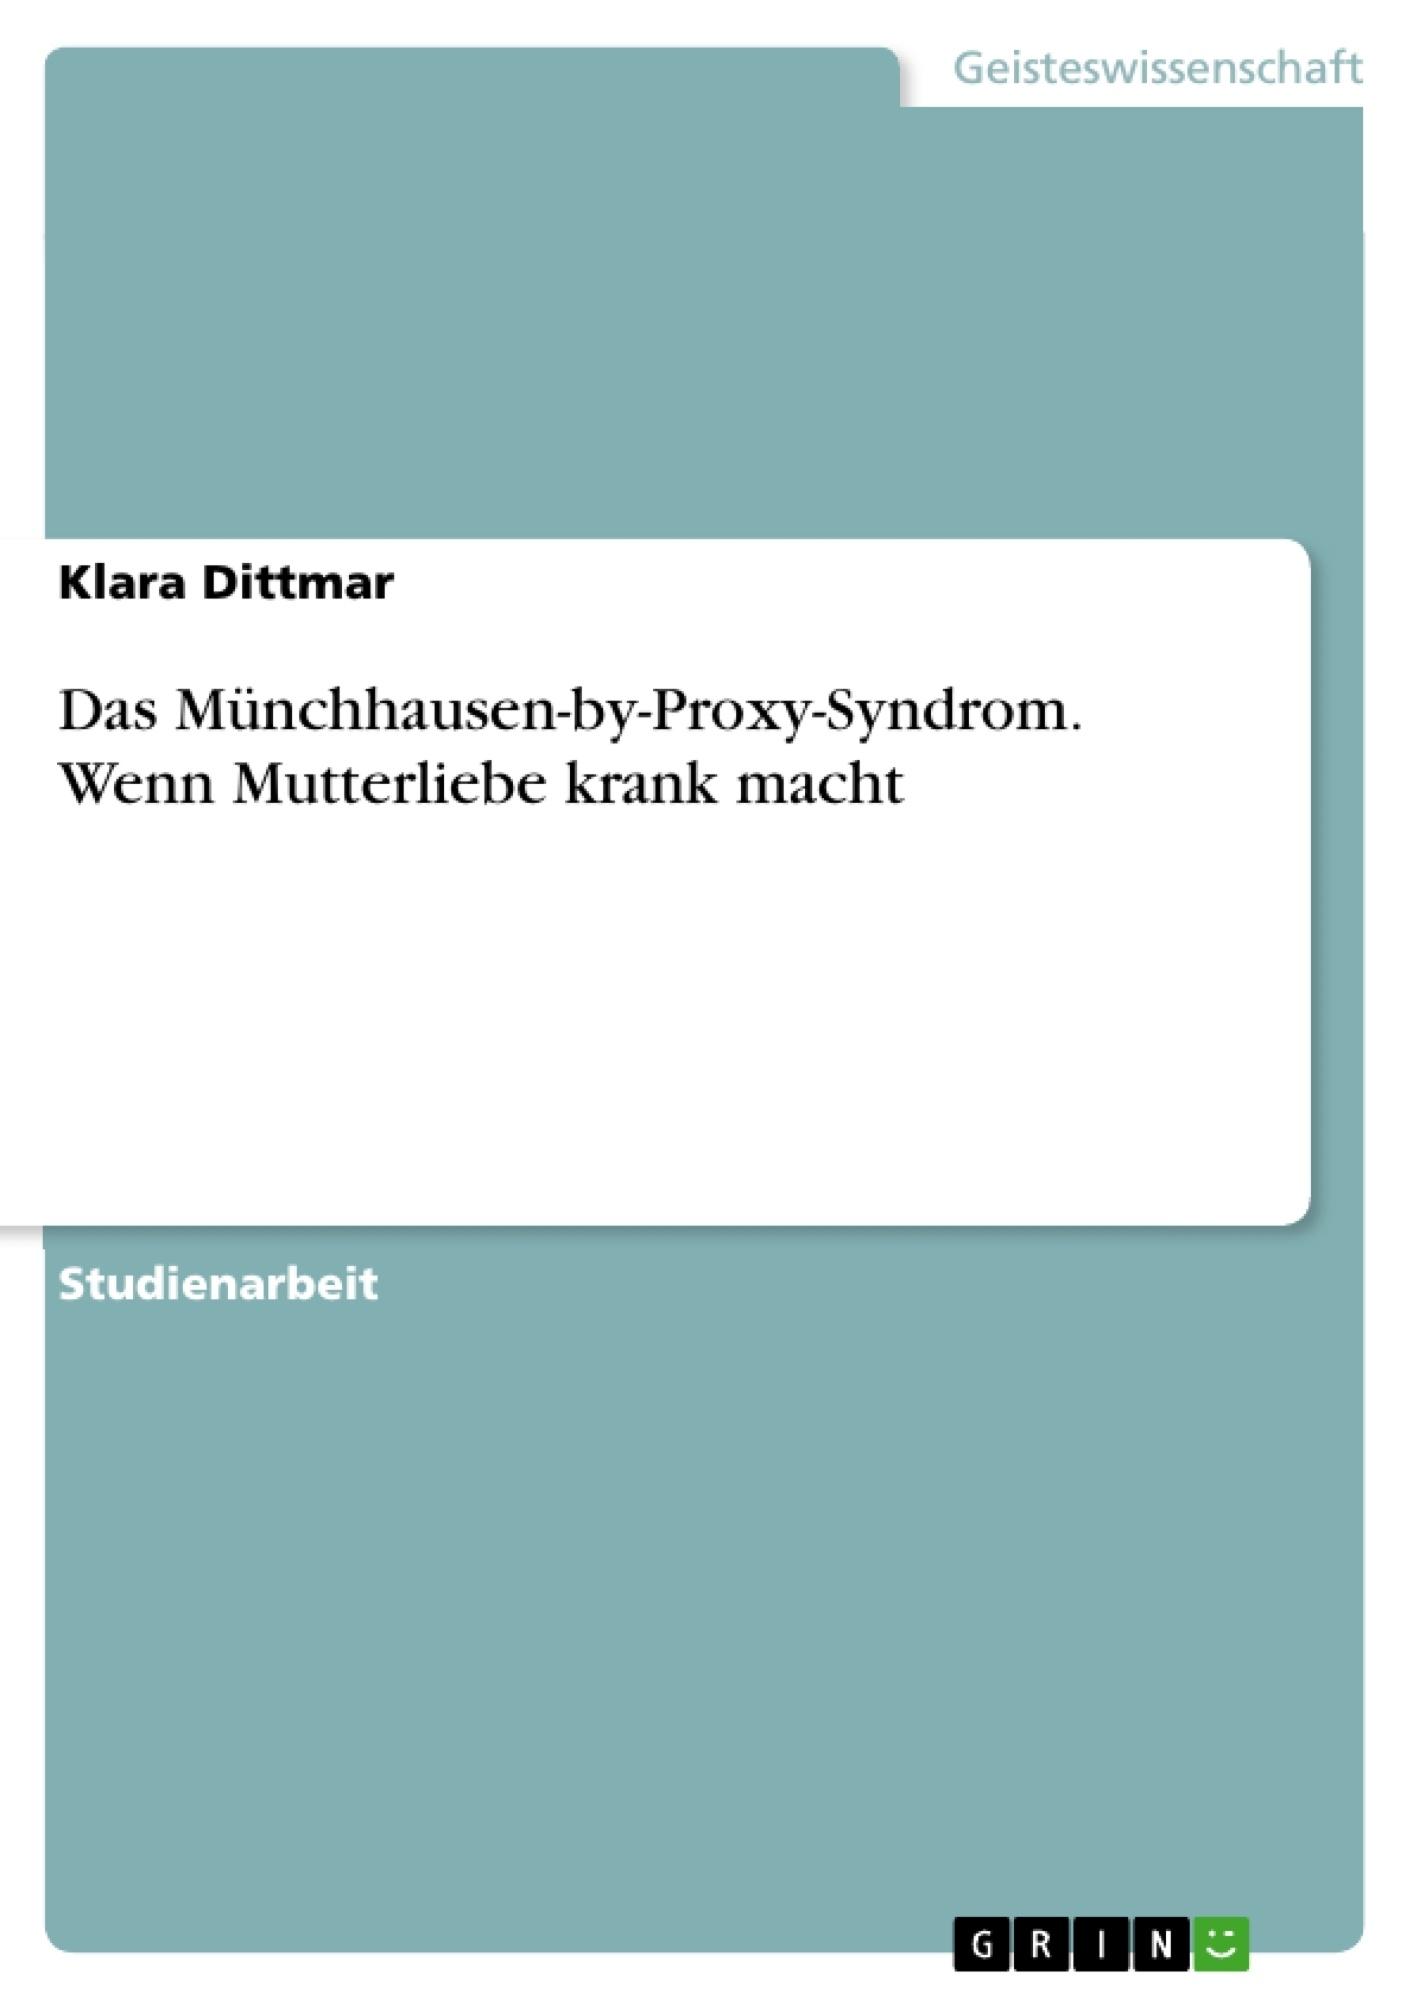 Titel: Das Münchhausen-by-Proxy-Syndrom. Wenn Mutterliebe krank macht